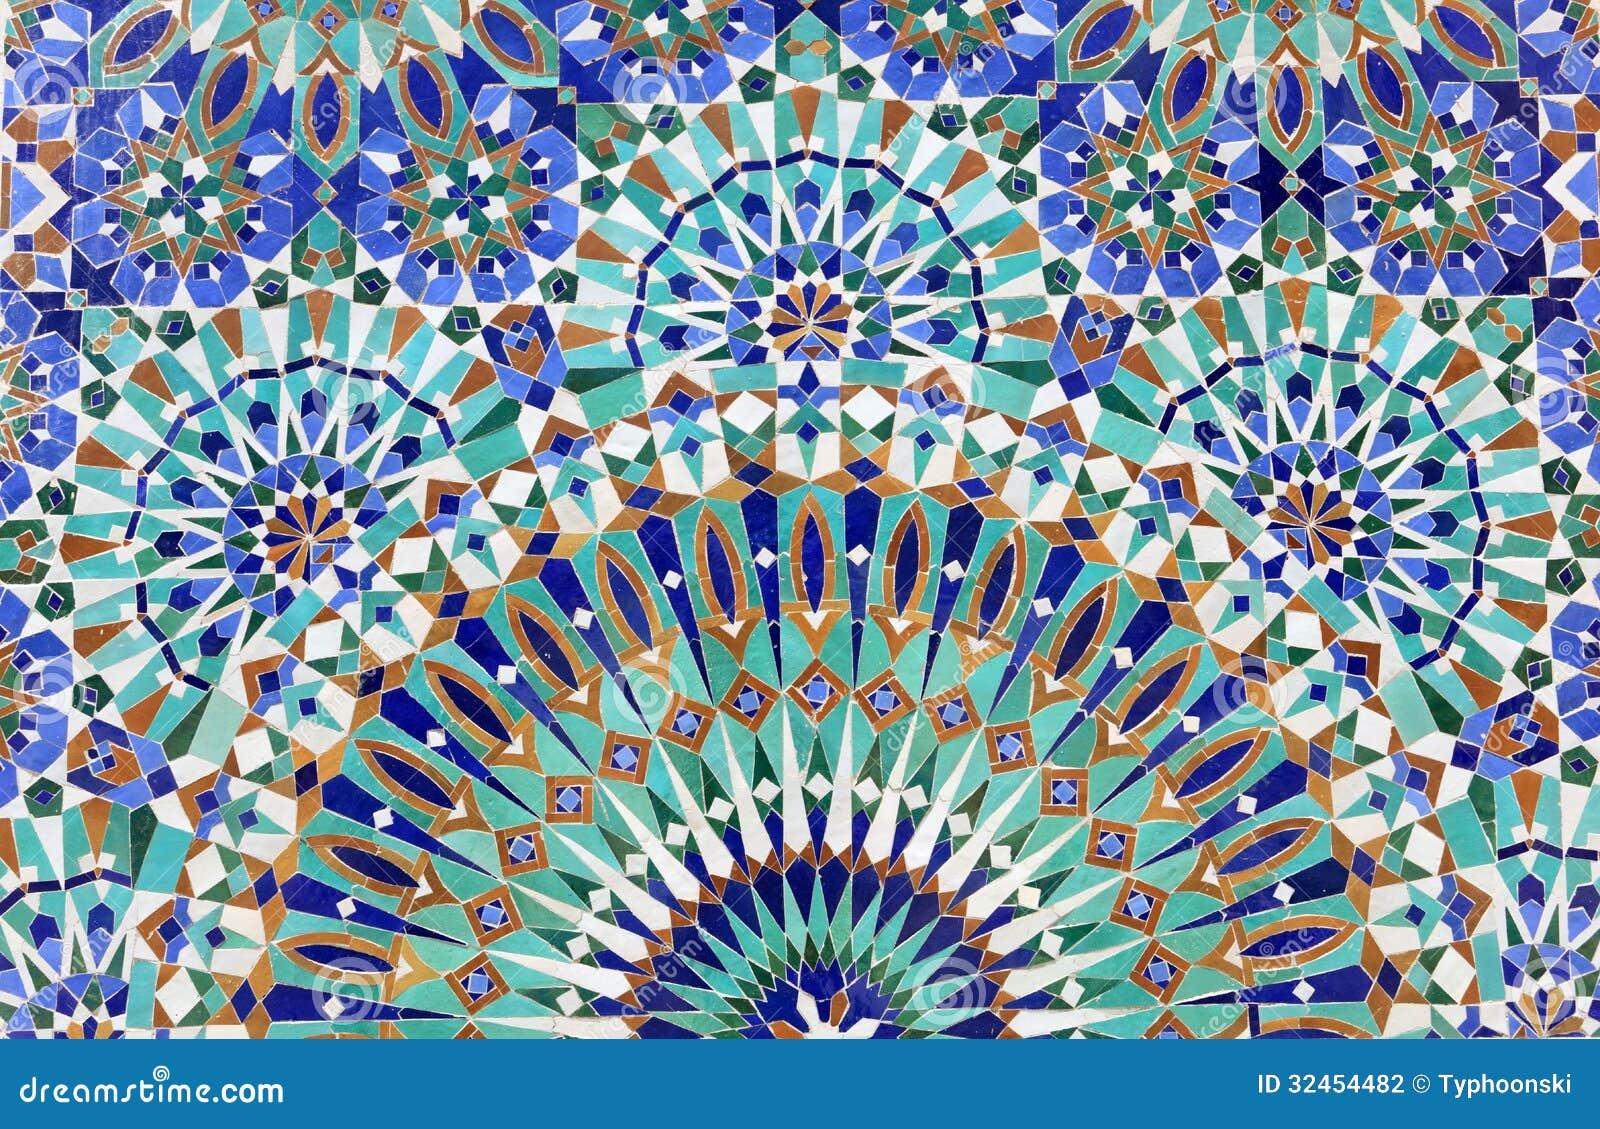 Mosaik Fliesen Aus Marokko: Blaue mosaik fliesen marokko papiere b ...